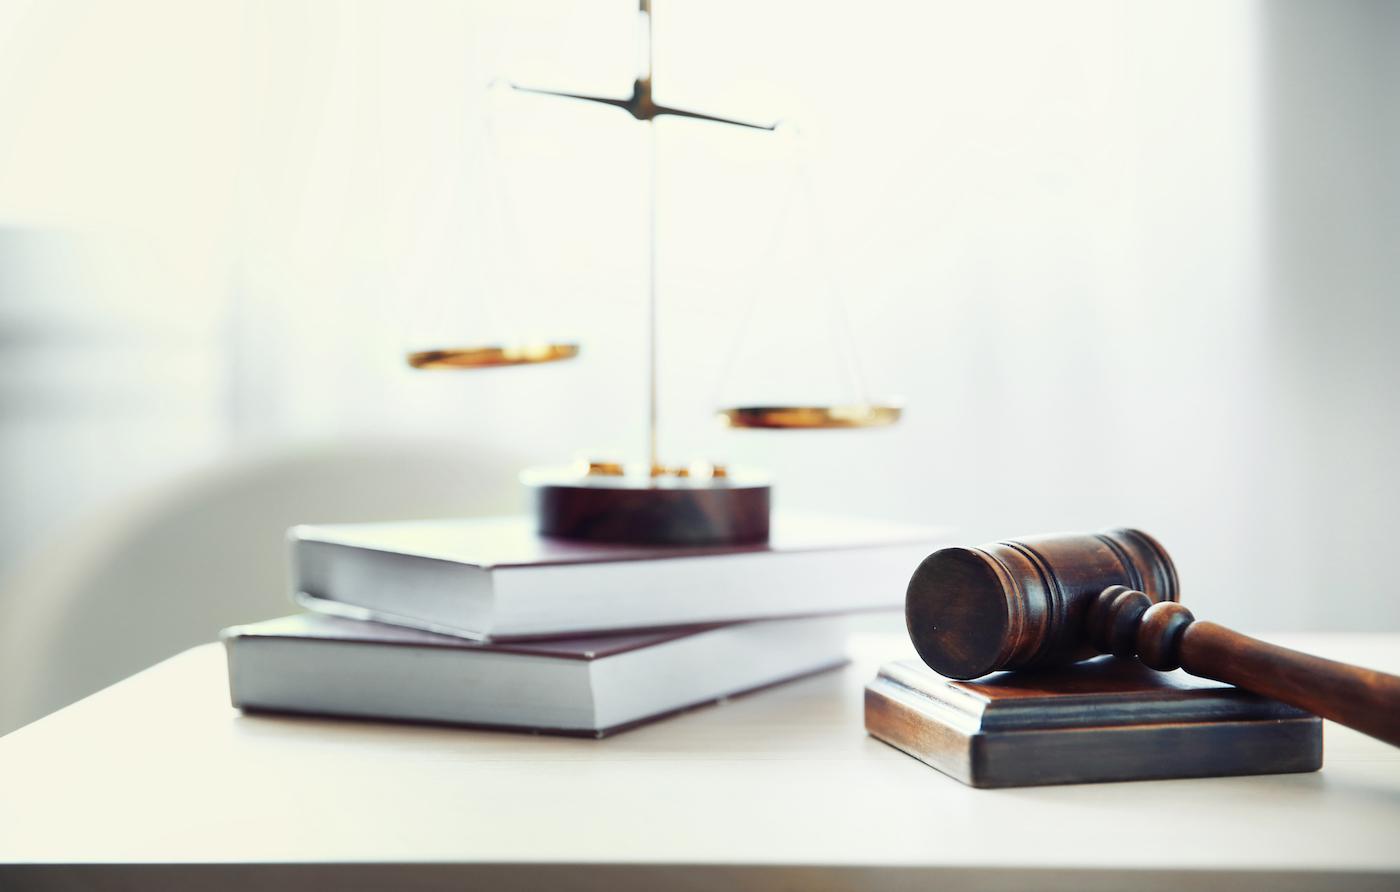 Створено онлайн-реєстр порушників авторських прав